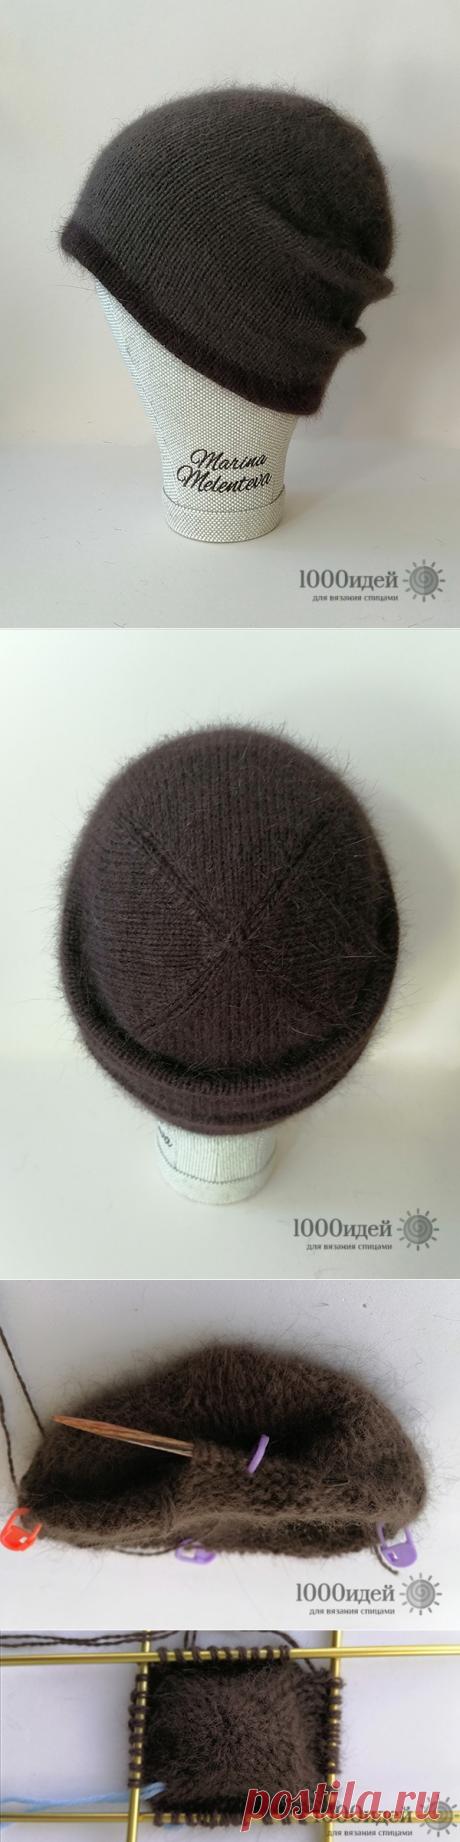 Двойная шапка бини из пуха норки спицами описание